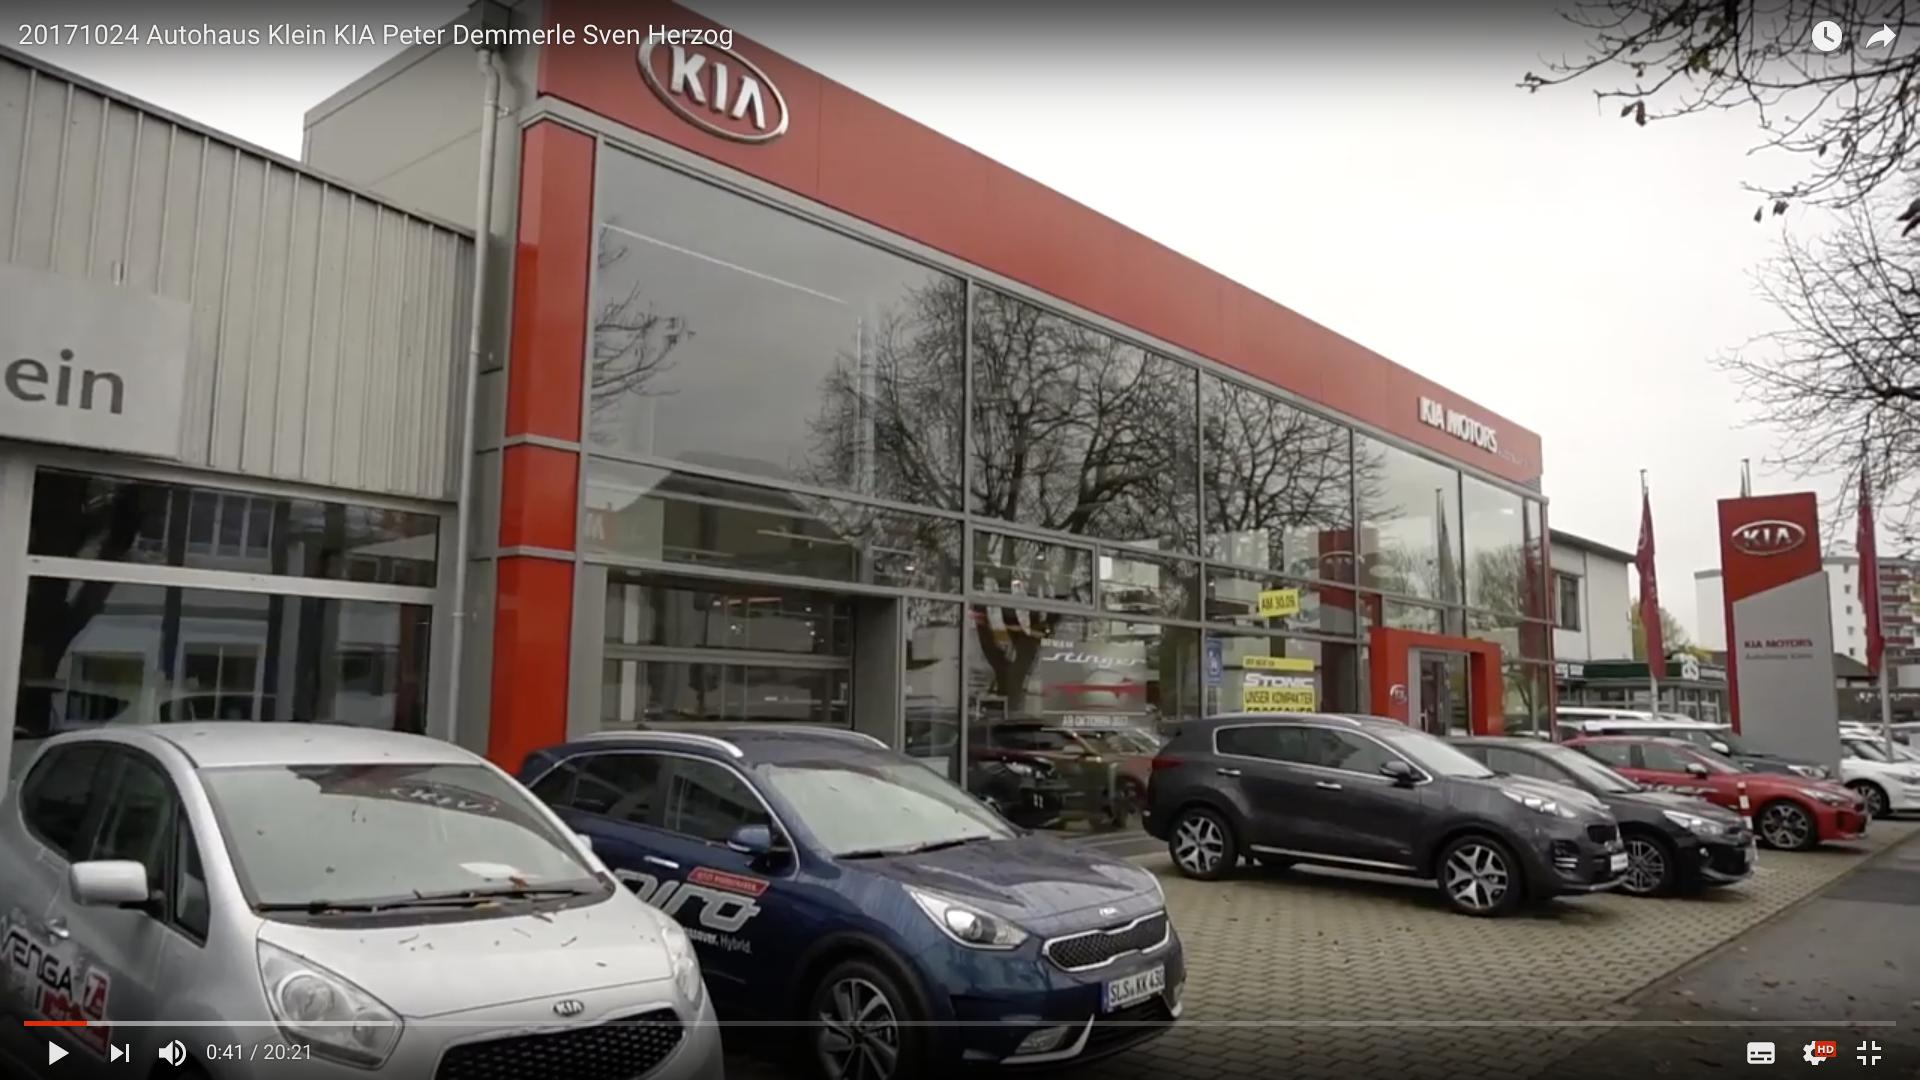 2017 Autohaus Klein KIA Außen _MSM_MEDIEN_SAAR_MOSEL_SAARLAND_FERNSEHEN_1_ED_SAAR